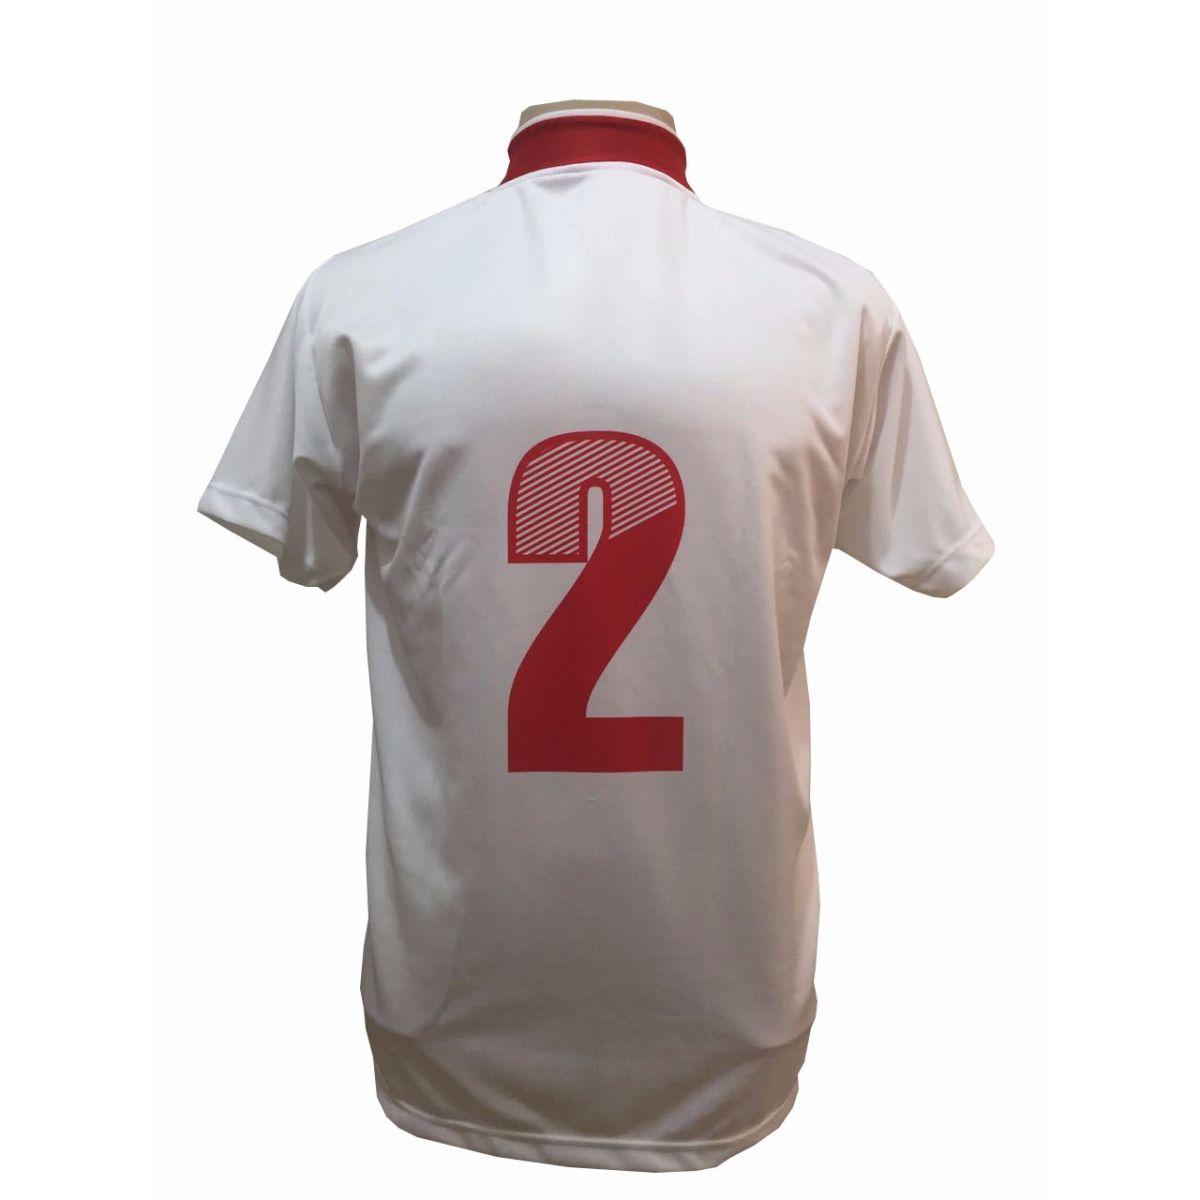 Uniforme Esportivo com 14 Camisas modelo Palermo Branco/Vermelho + 14 Calções modelo Madrid Vermelho